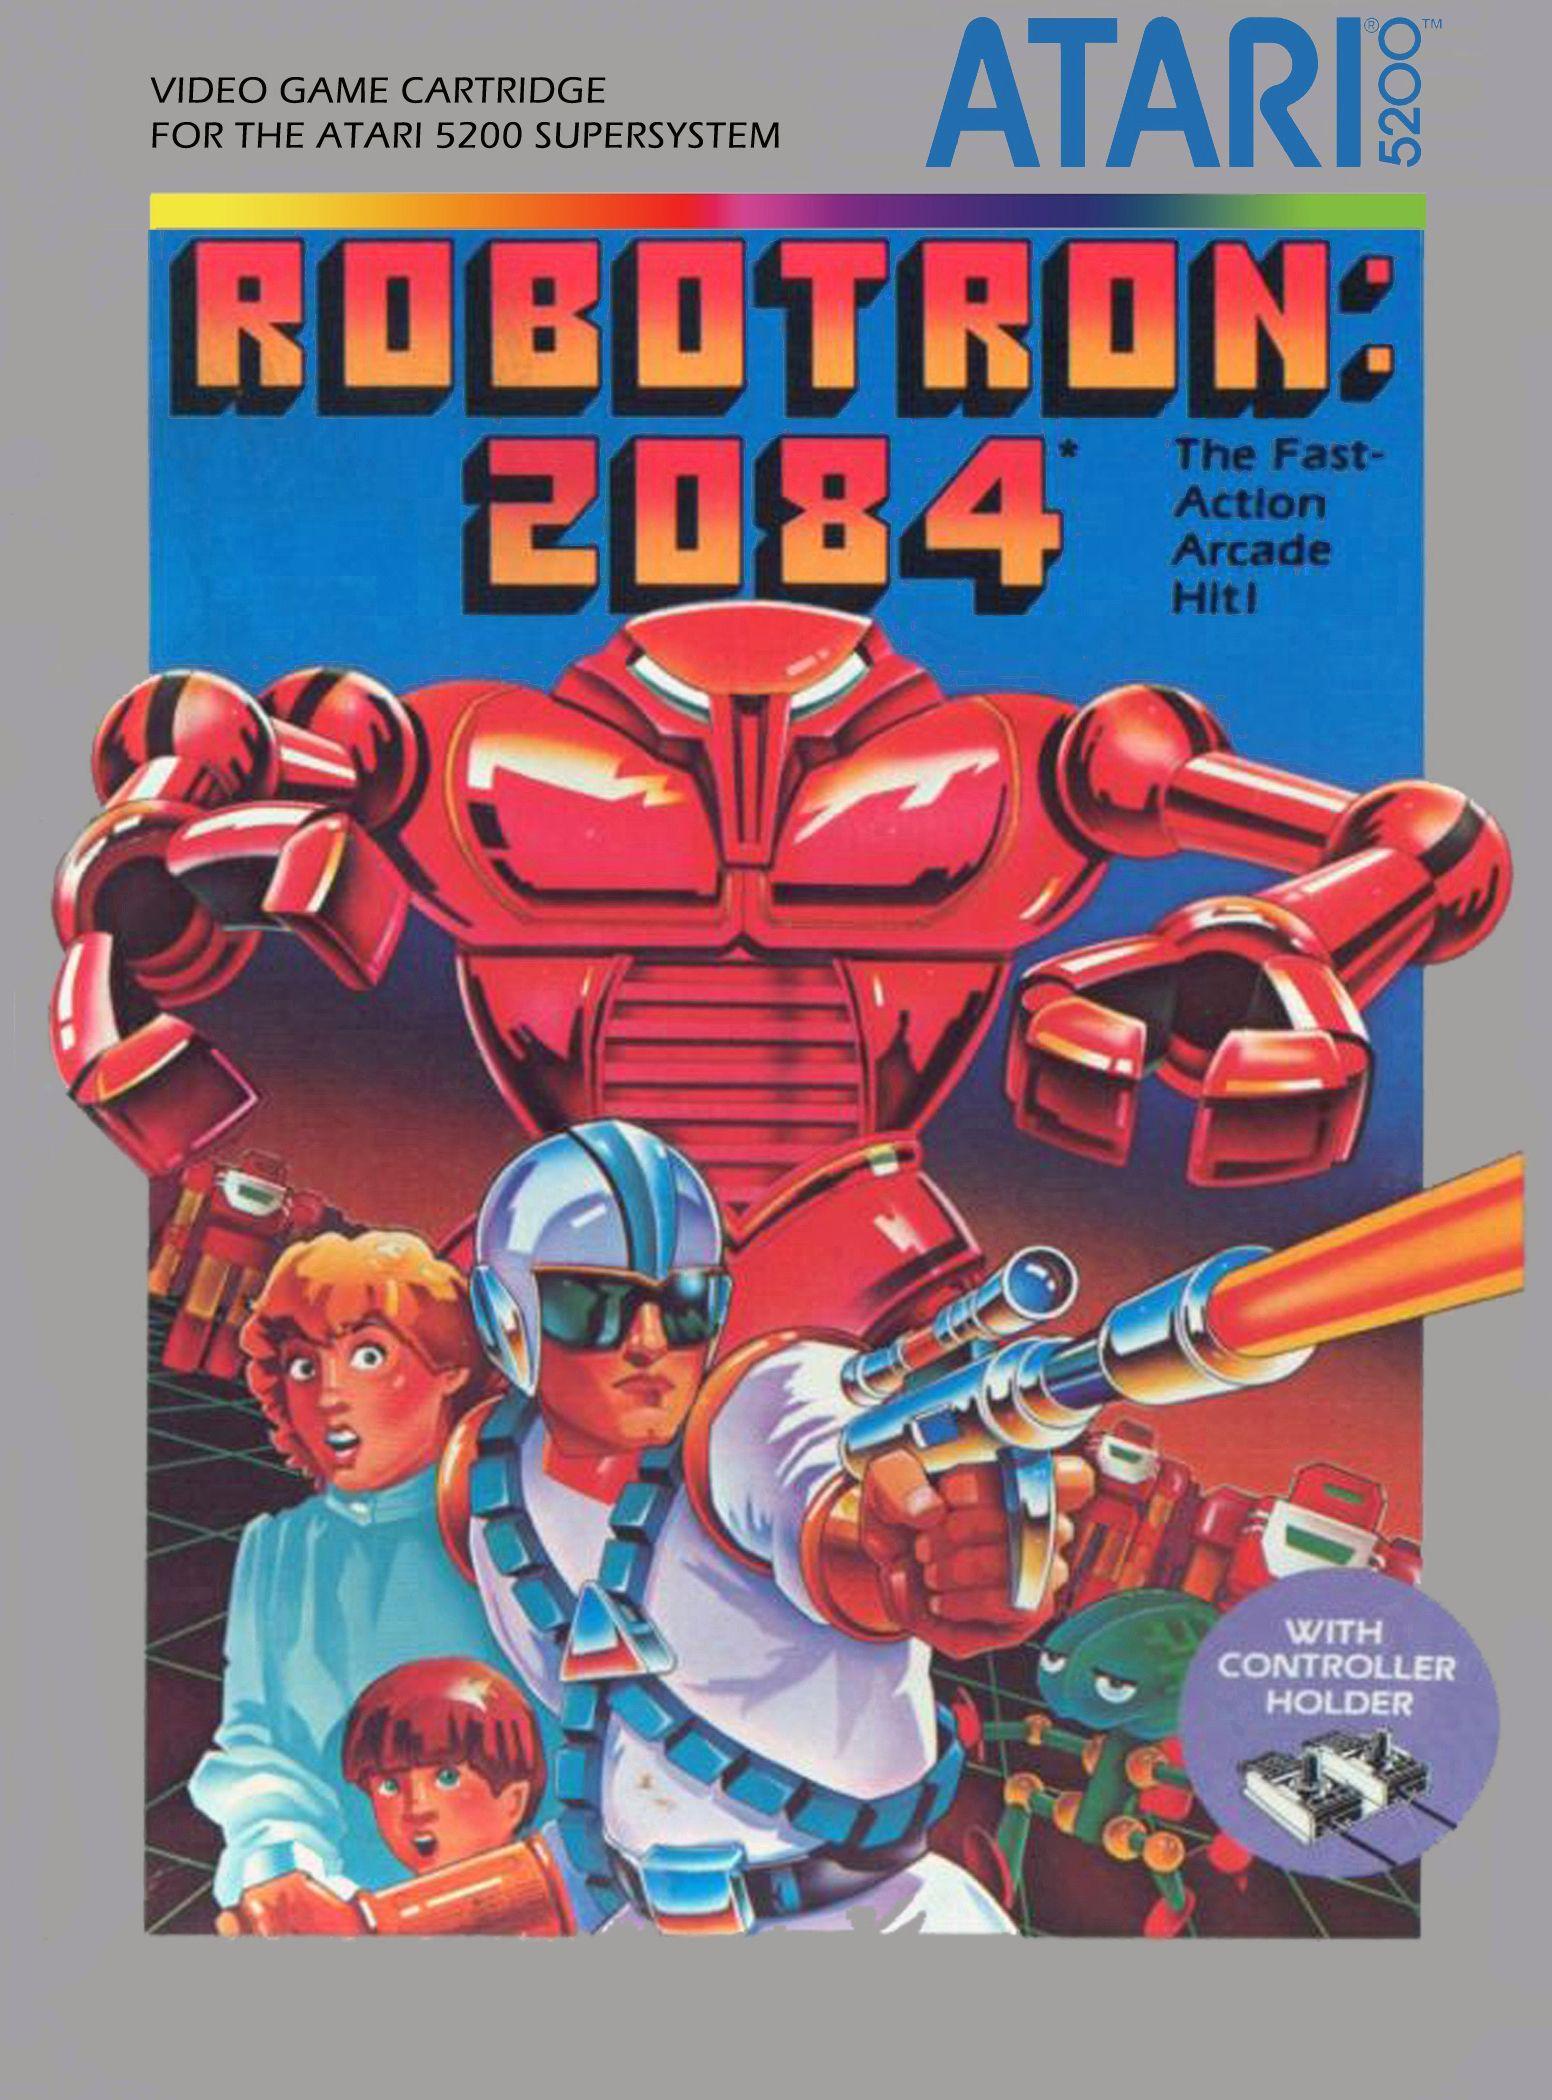 robotron 2084 - Google Search